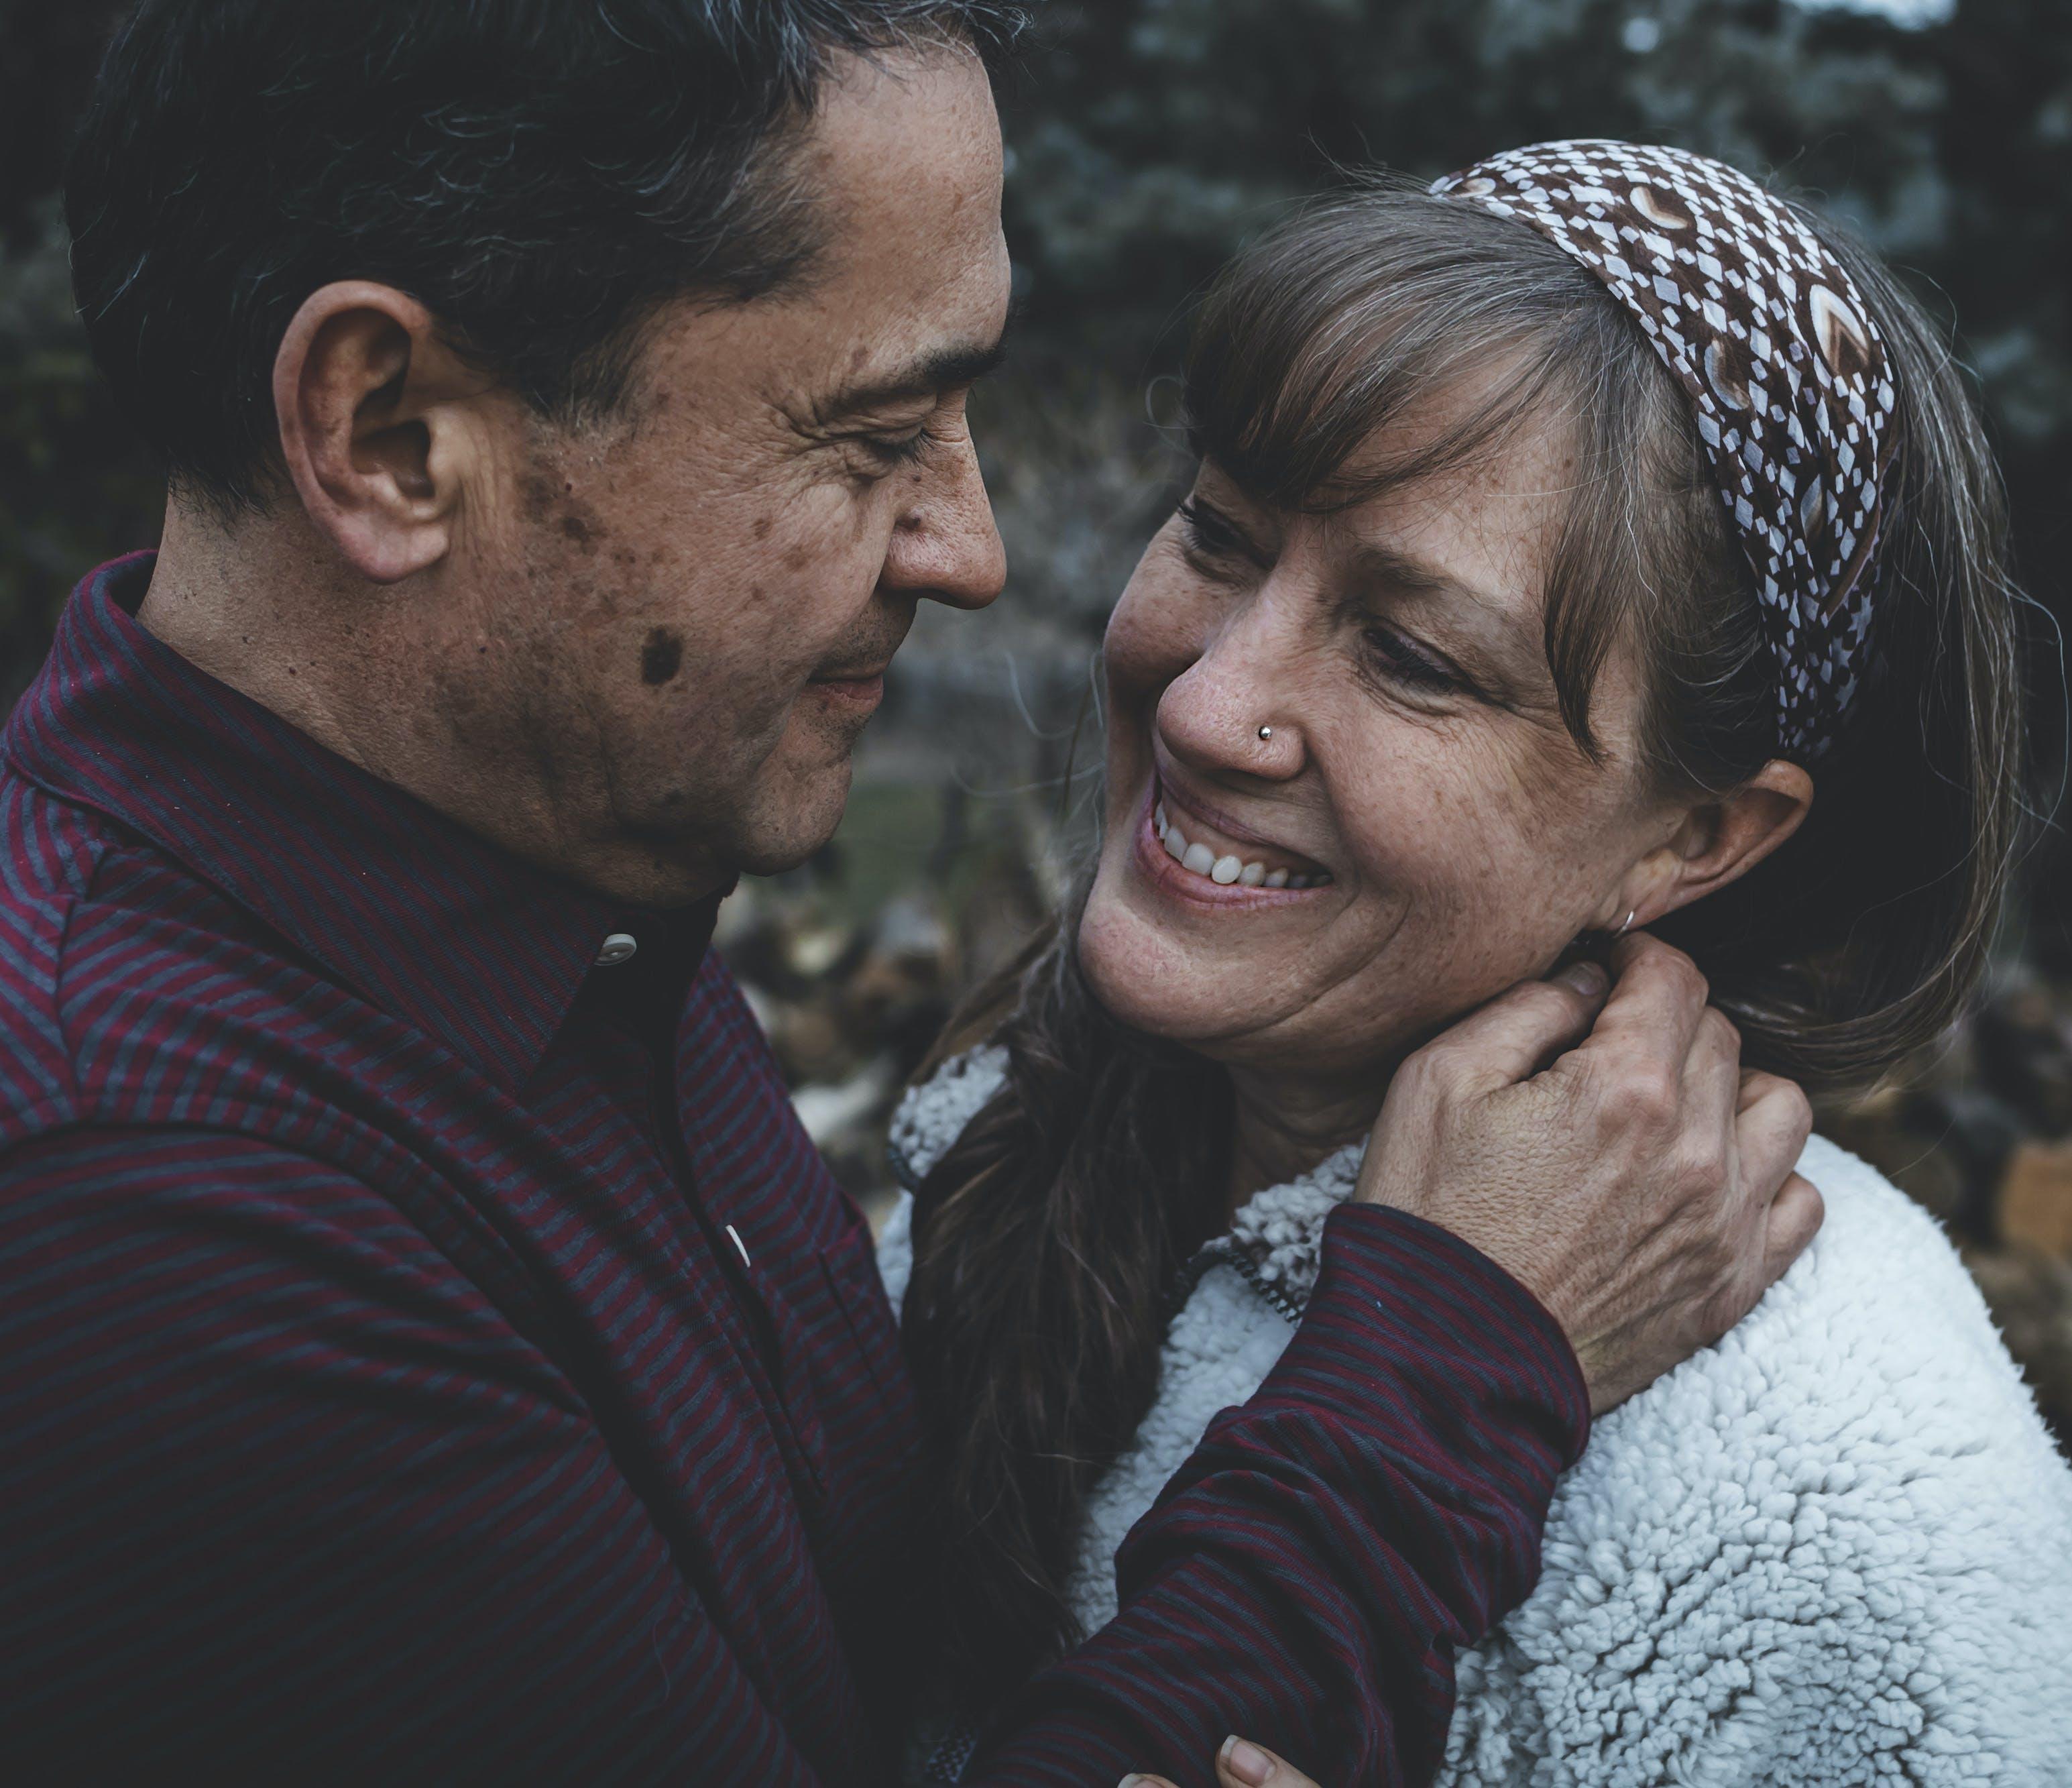 Man Looking at Woman's Face